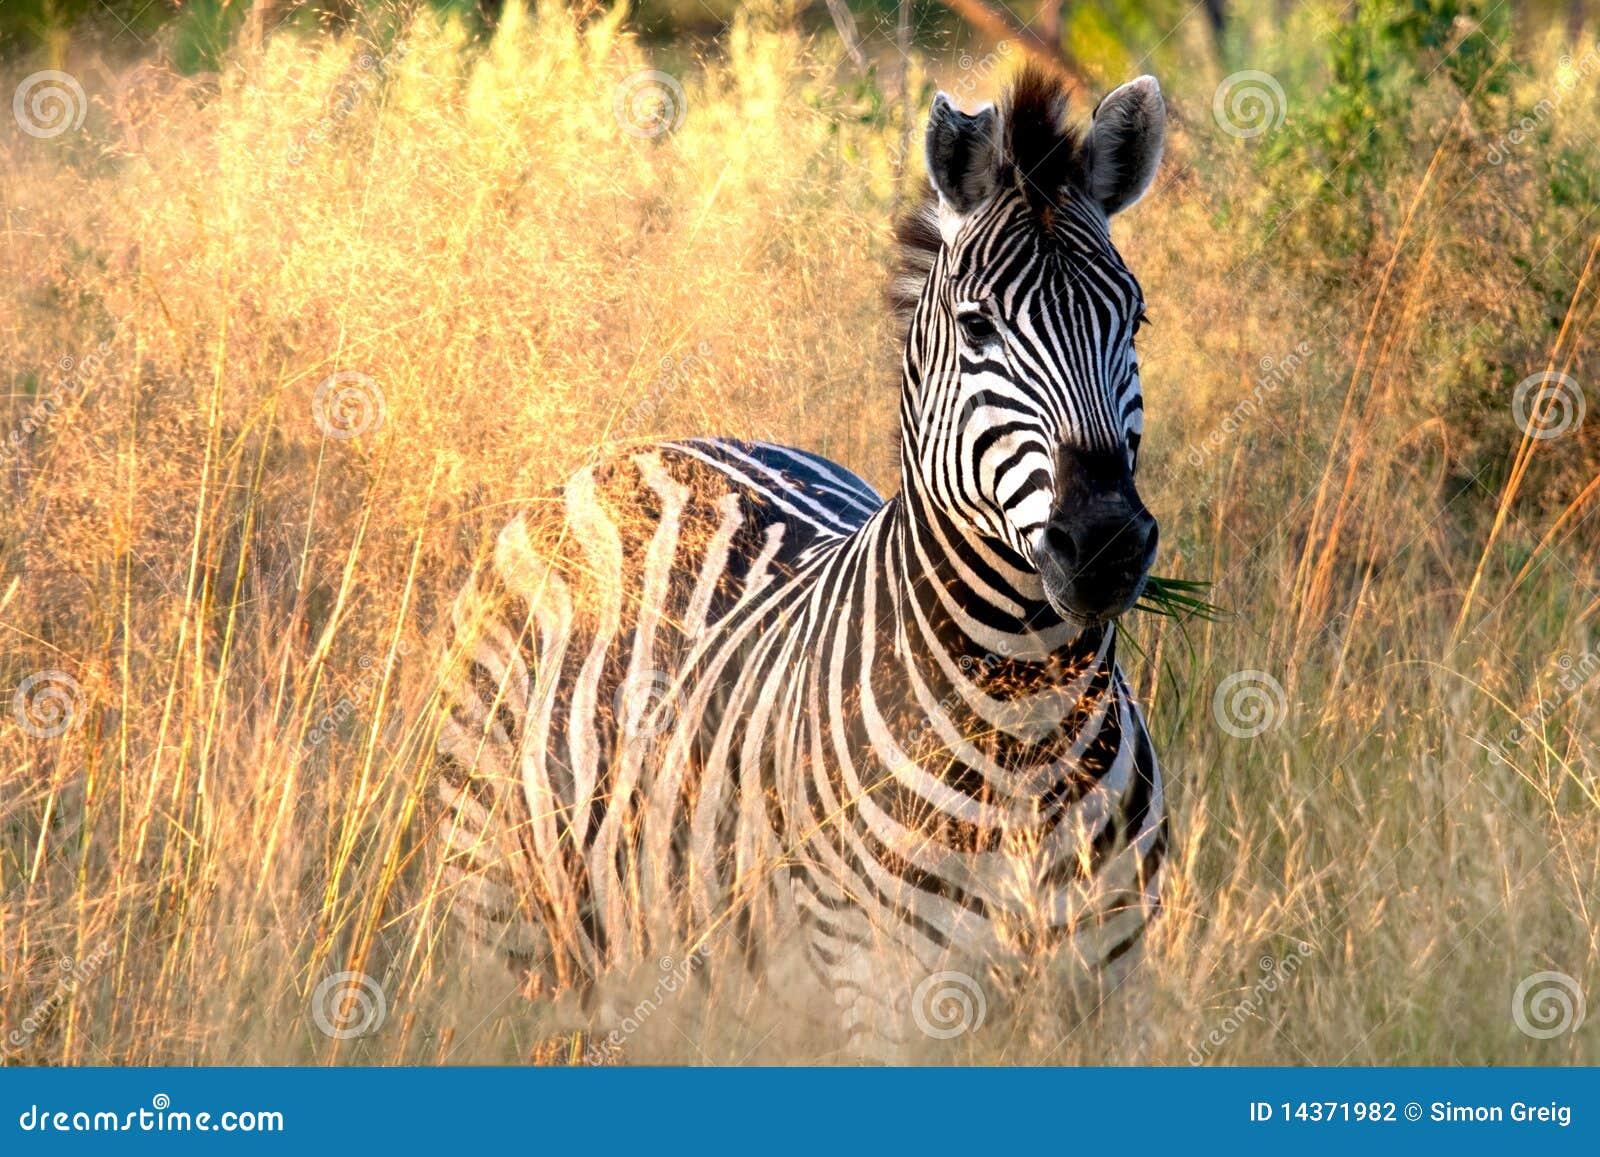 Cebra que come la hierba foto de archivo. Imagen de animal - 14371982